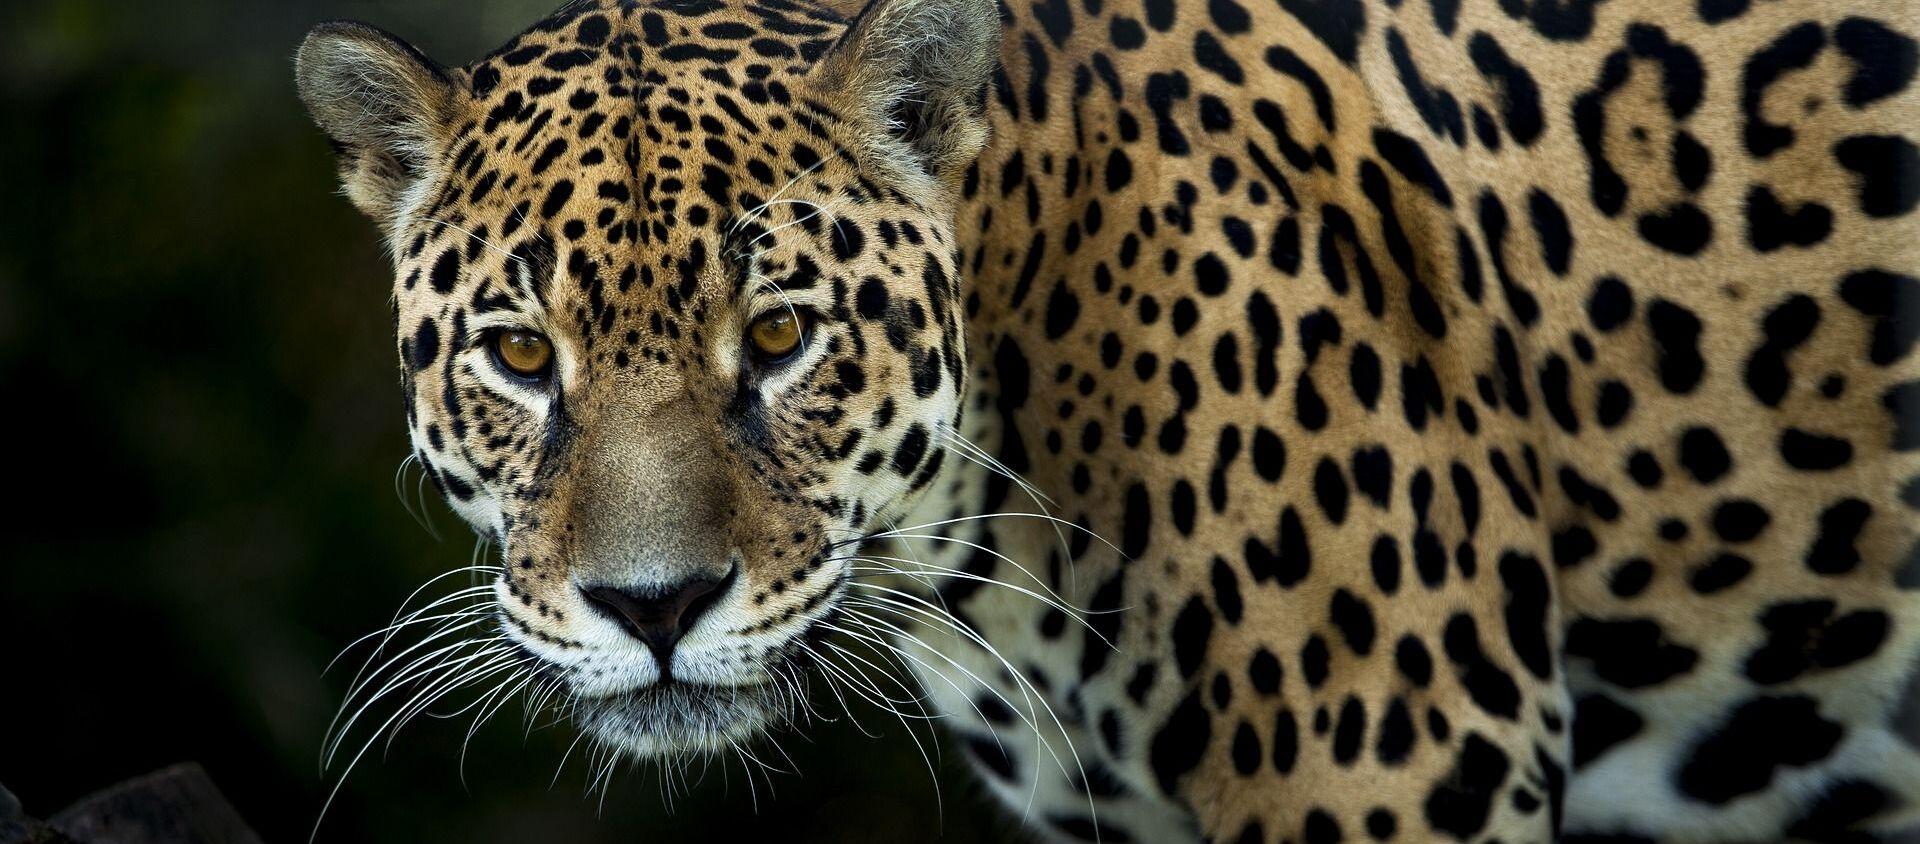 Un jaguar - Sputnik Mundo, 1920, 06.11.2020